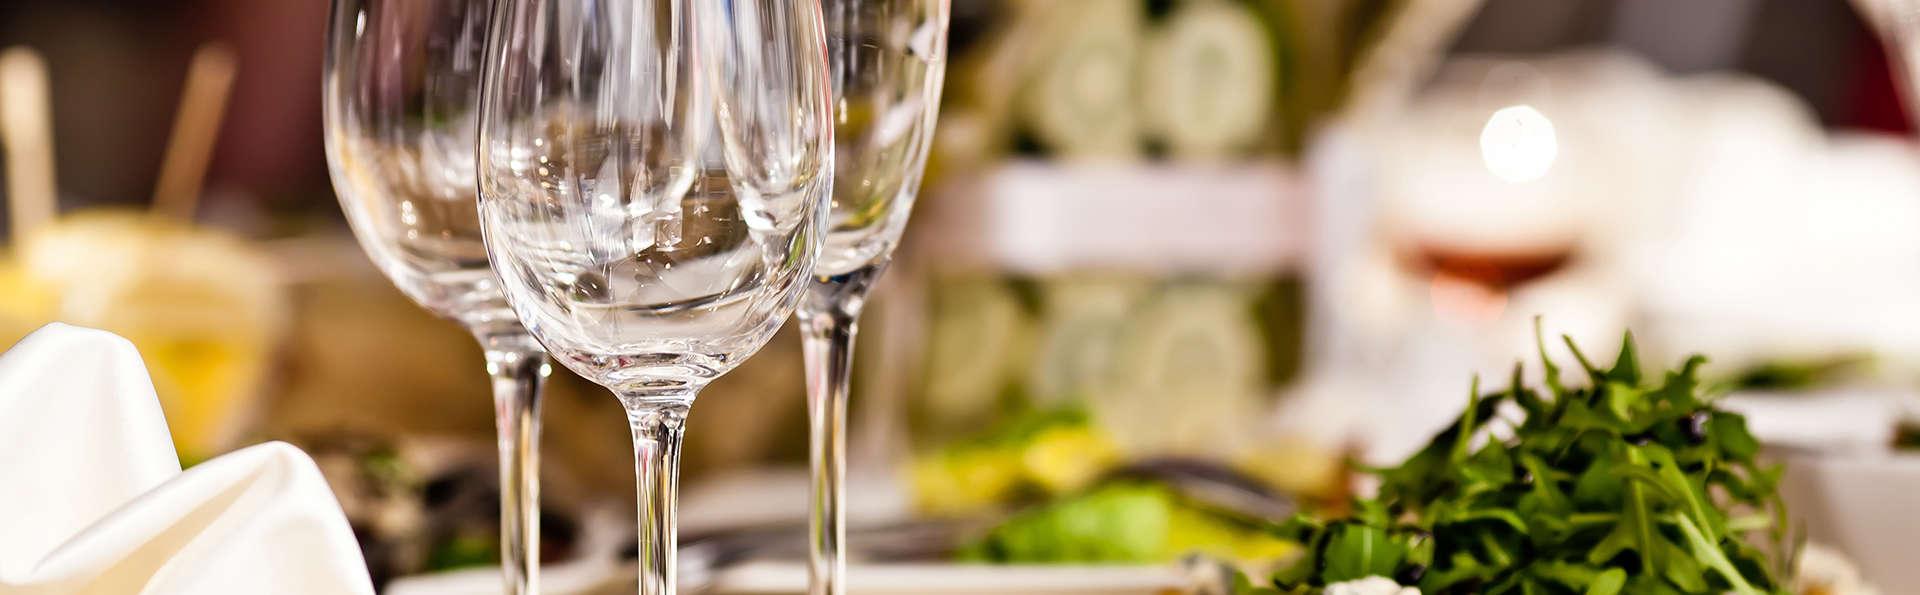 Profitez d'un délicieux dîner de 3 plats servi dans la chambre pour un séjour intime